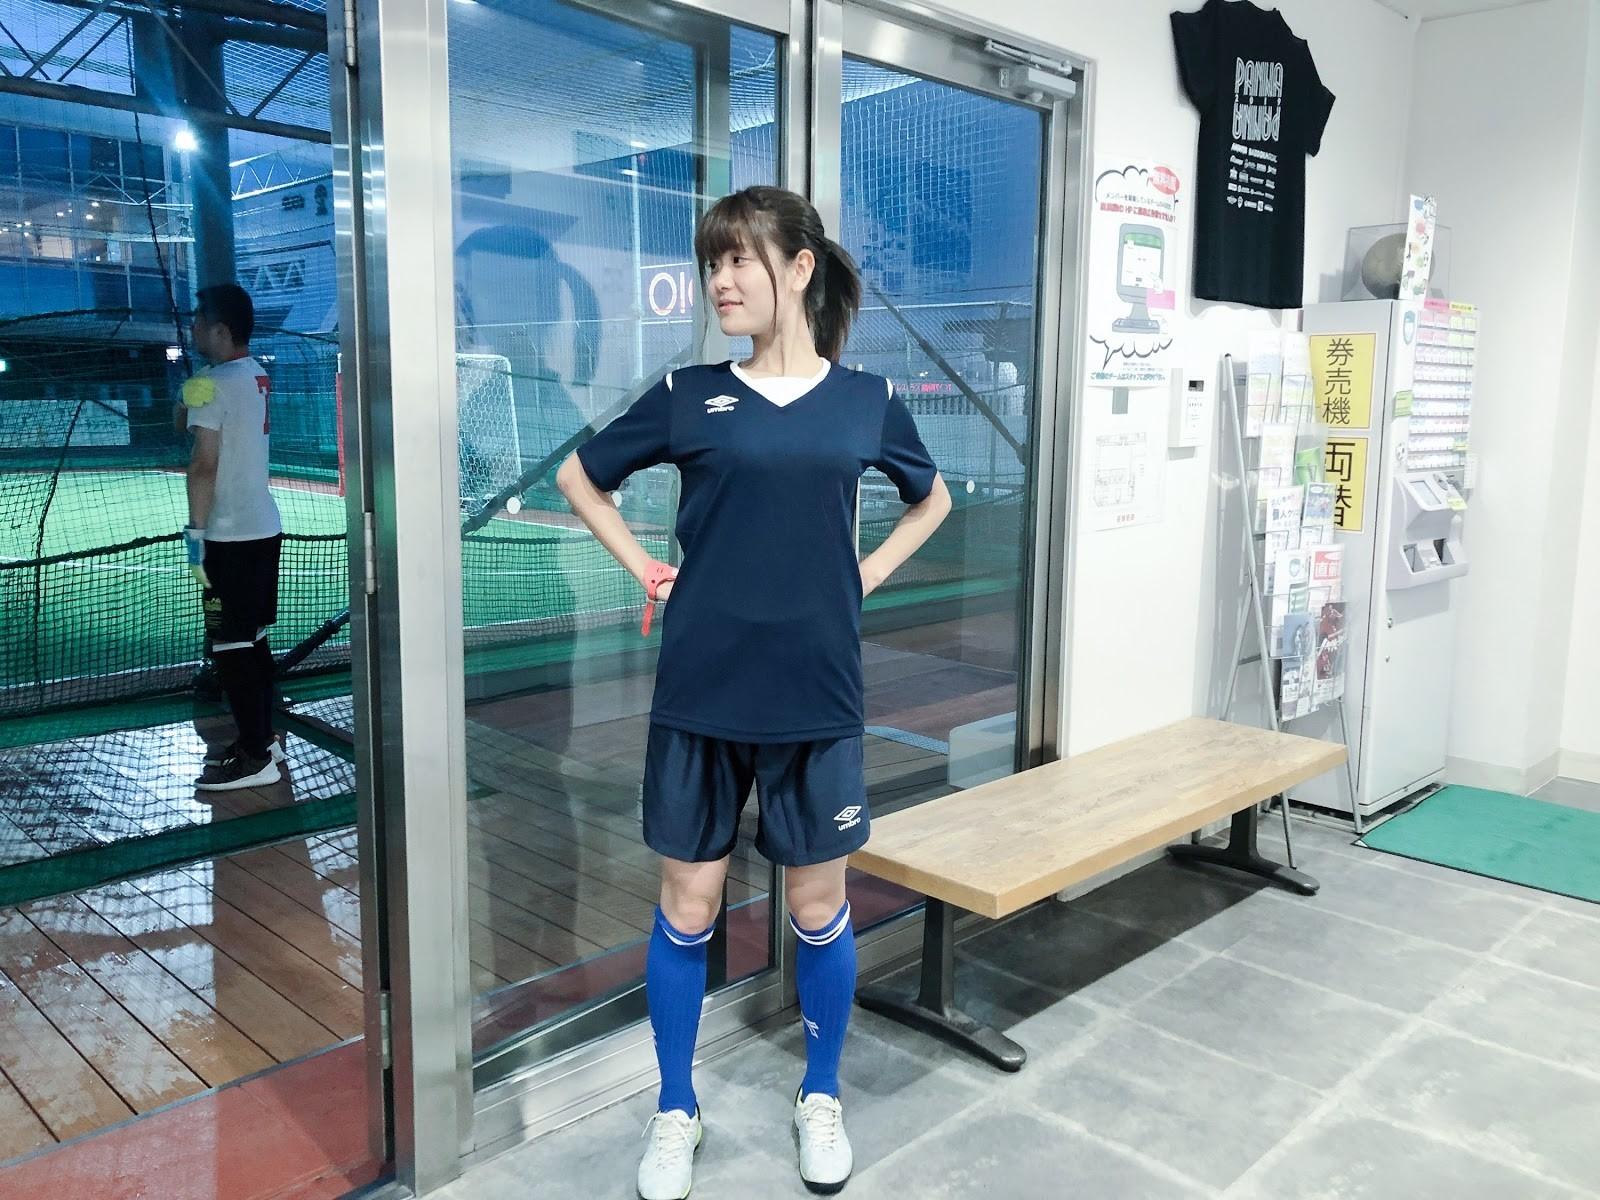 紺色のサッカーユニフォーム!